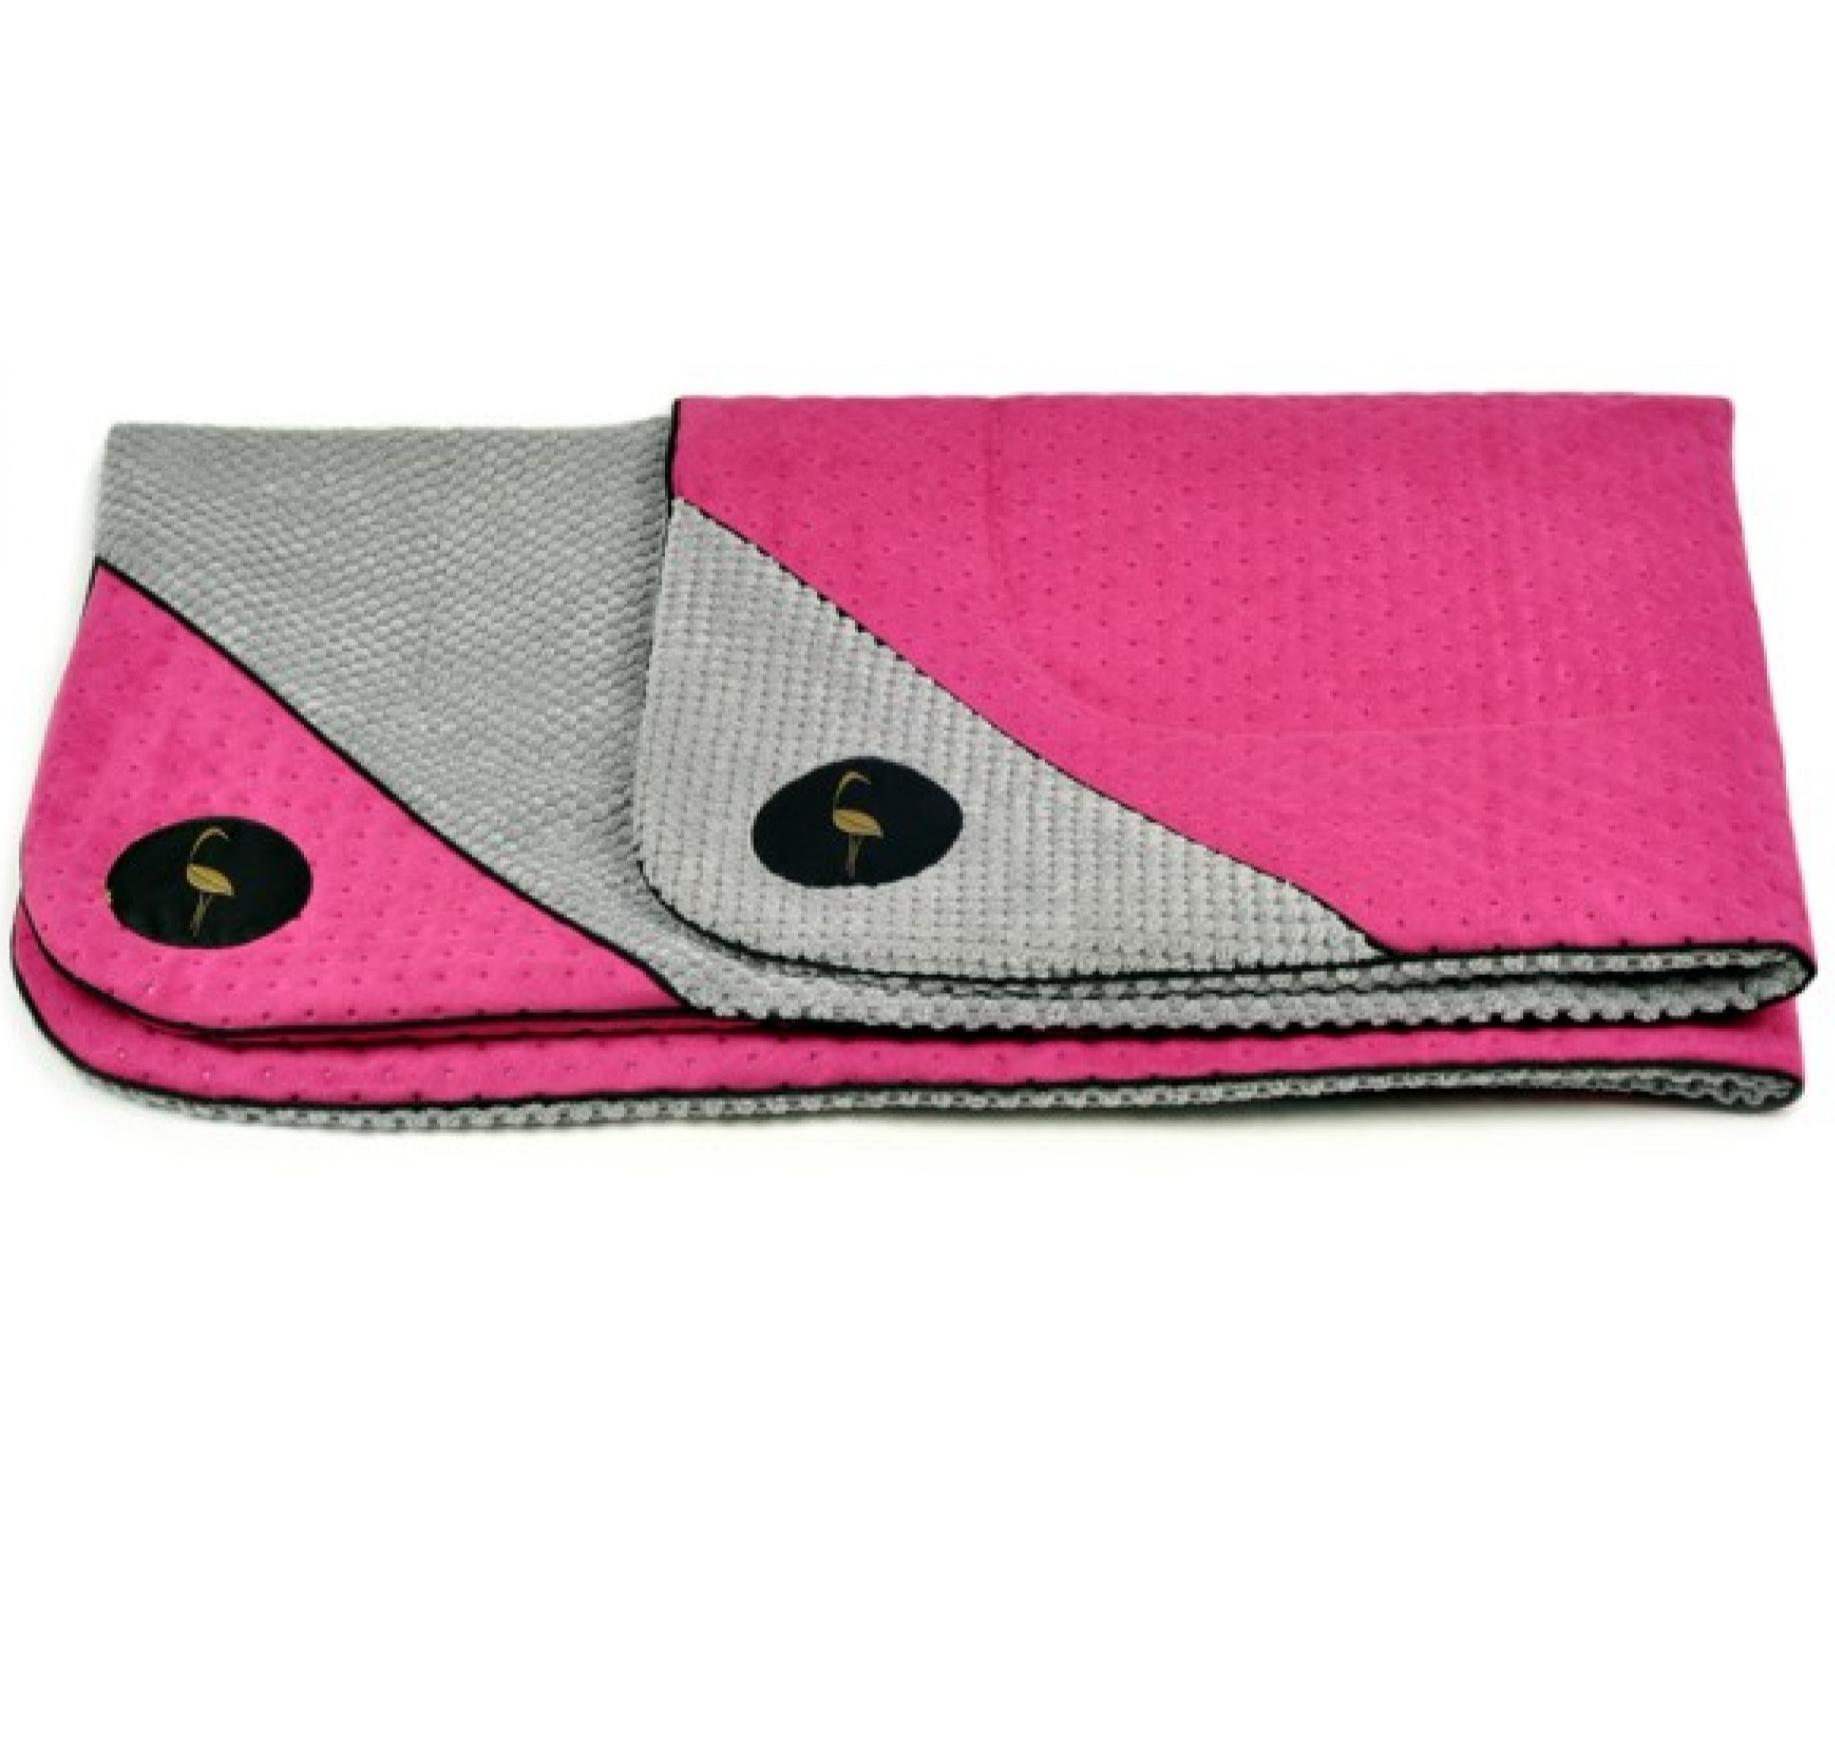 LAUREN design Mata DANTE różowa pikowana + szara